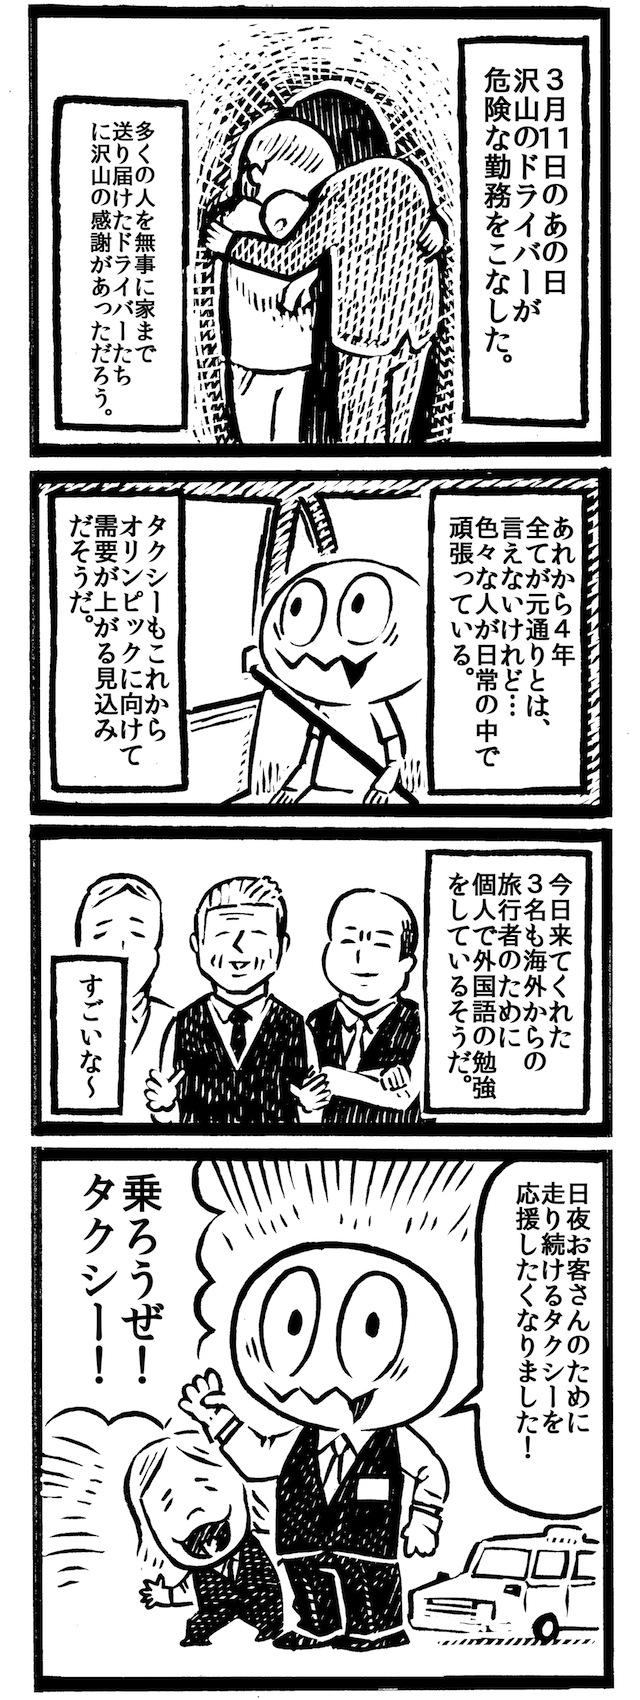 f:id:kakijiro:20151208235654j:plain